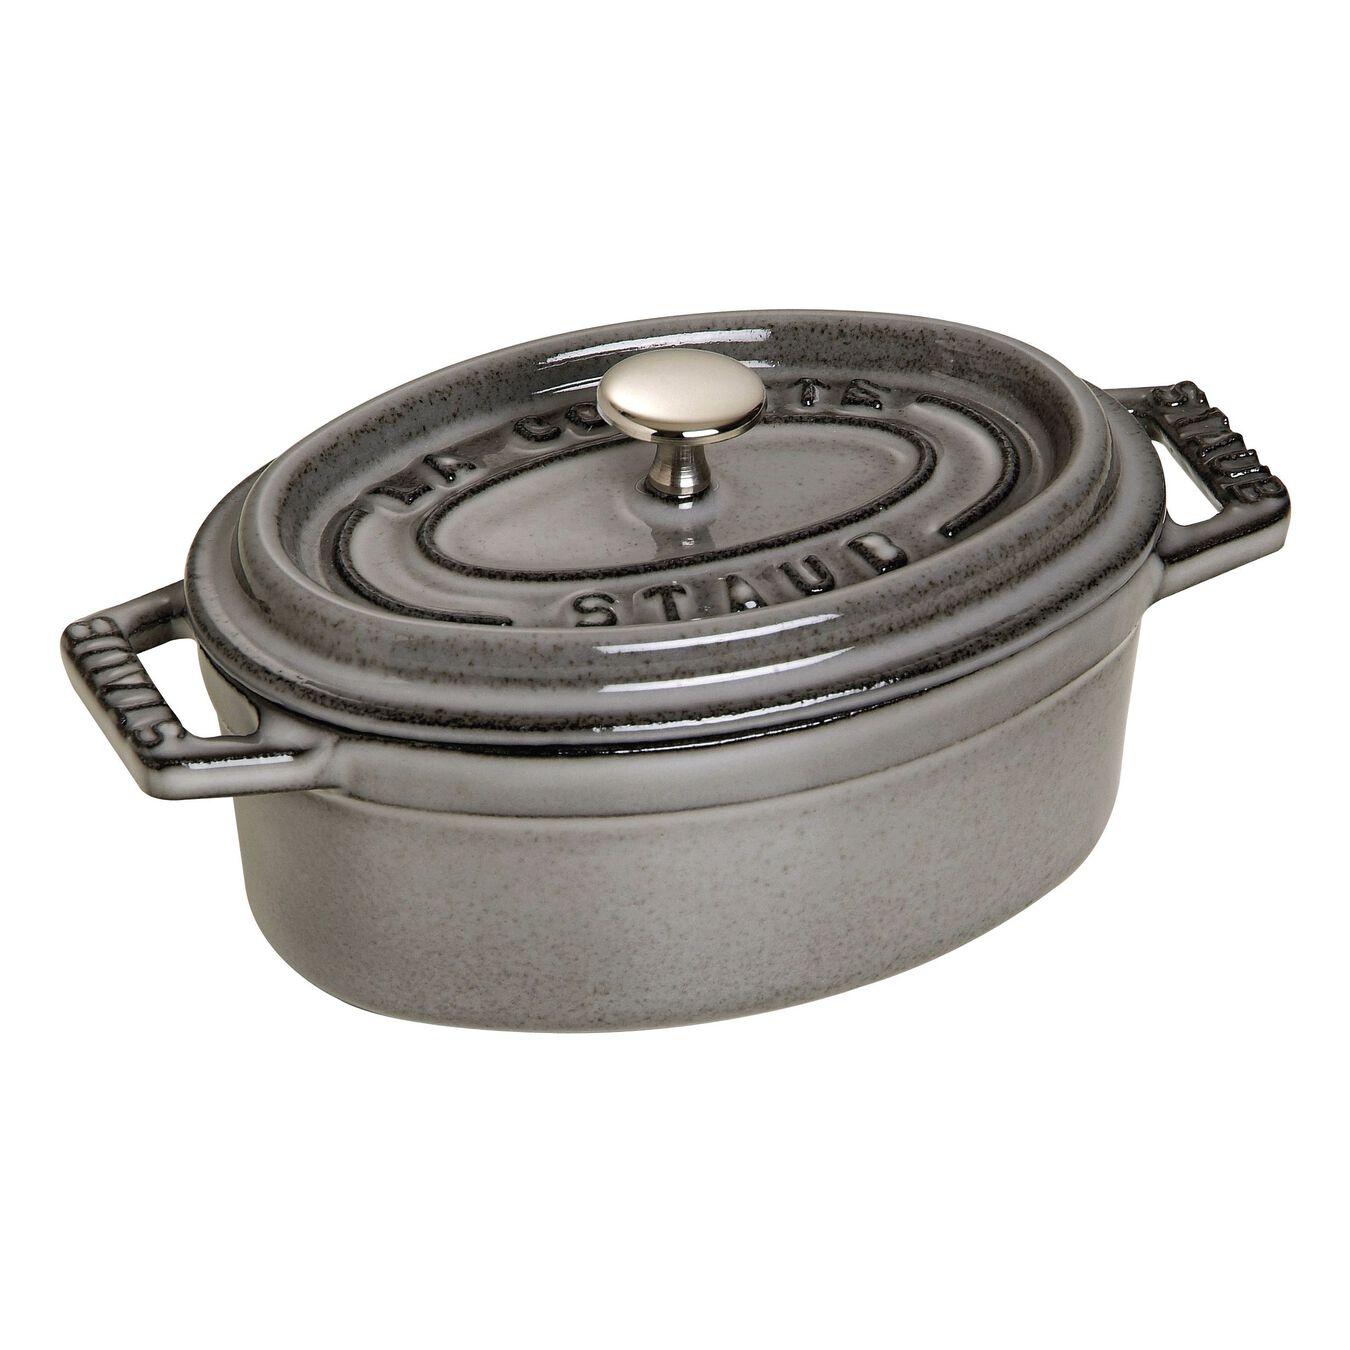 Mini Cocotte 11 cm, Ovale, Gris graphite, Fonte,,large 2